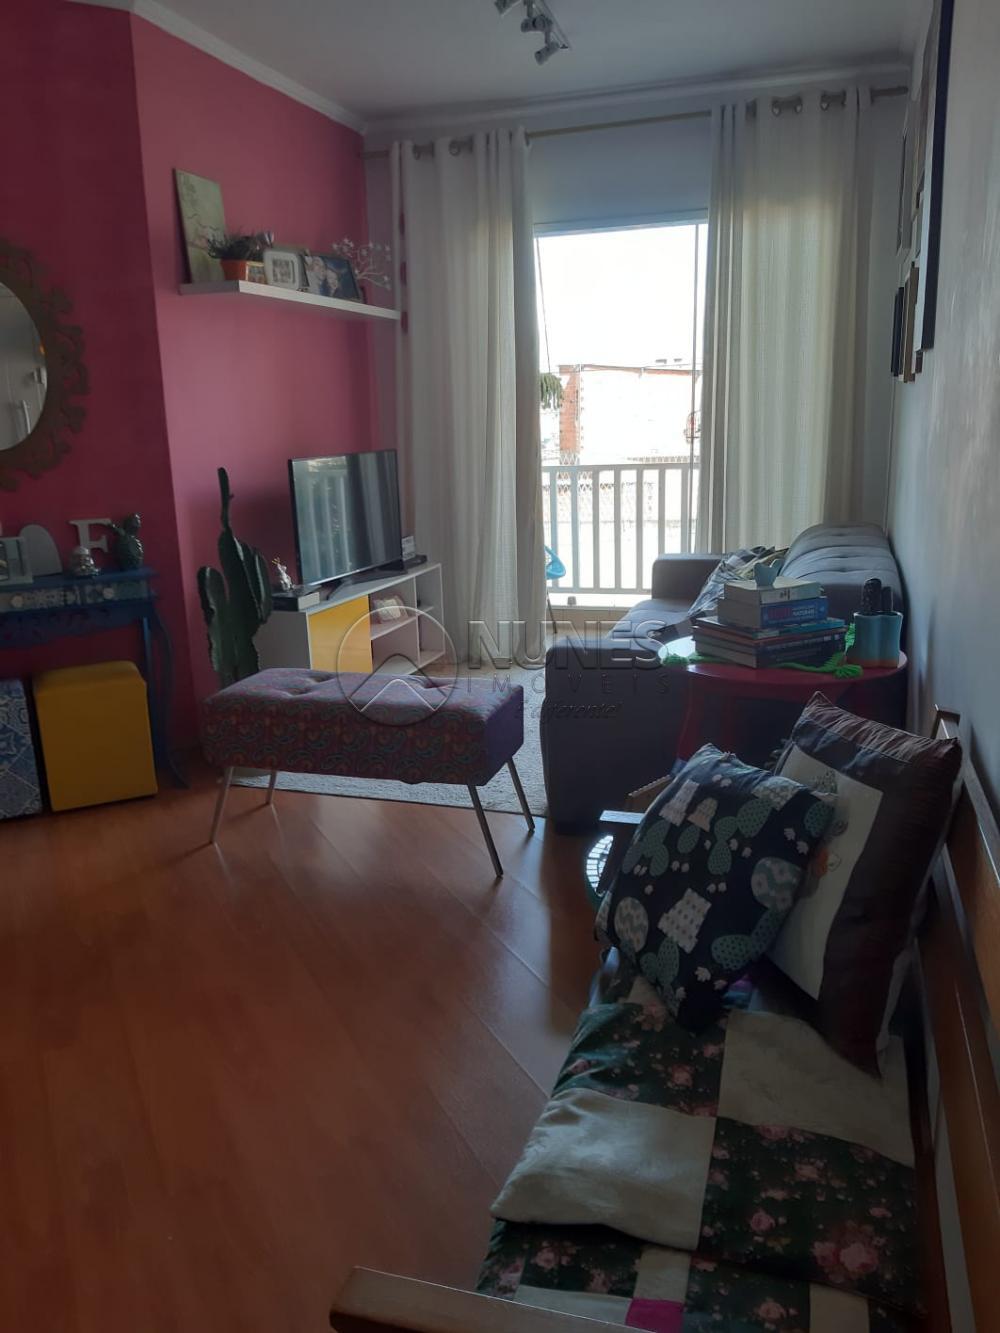 Comprar Apartamento / Padrão em Osasco apenas R$ 190.000,00 - Foto 2